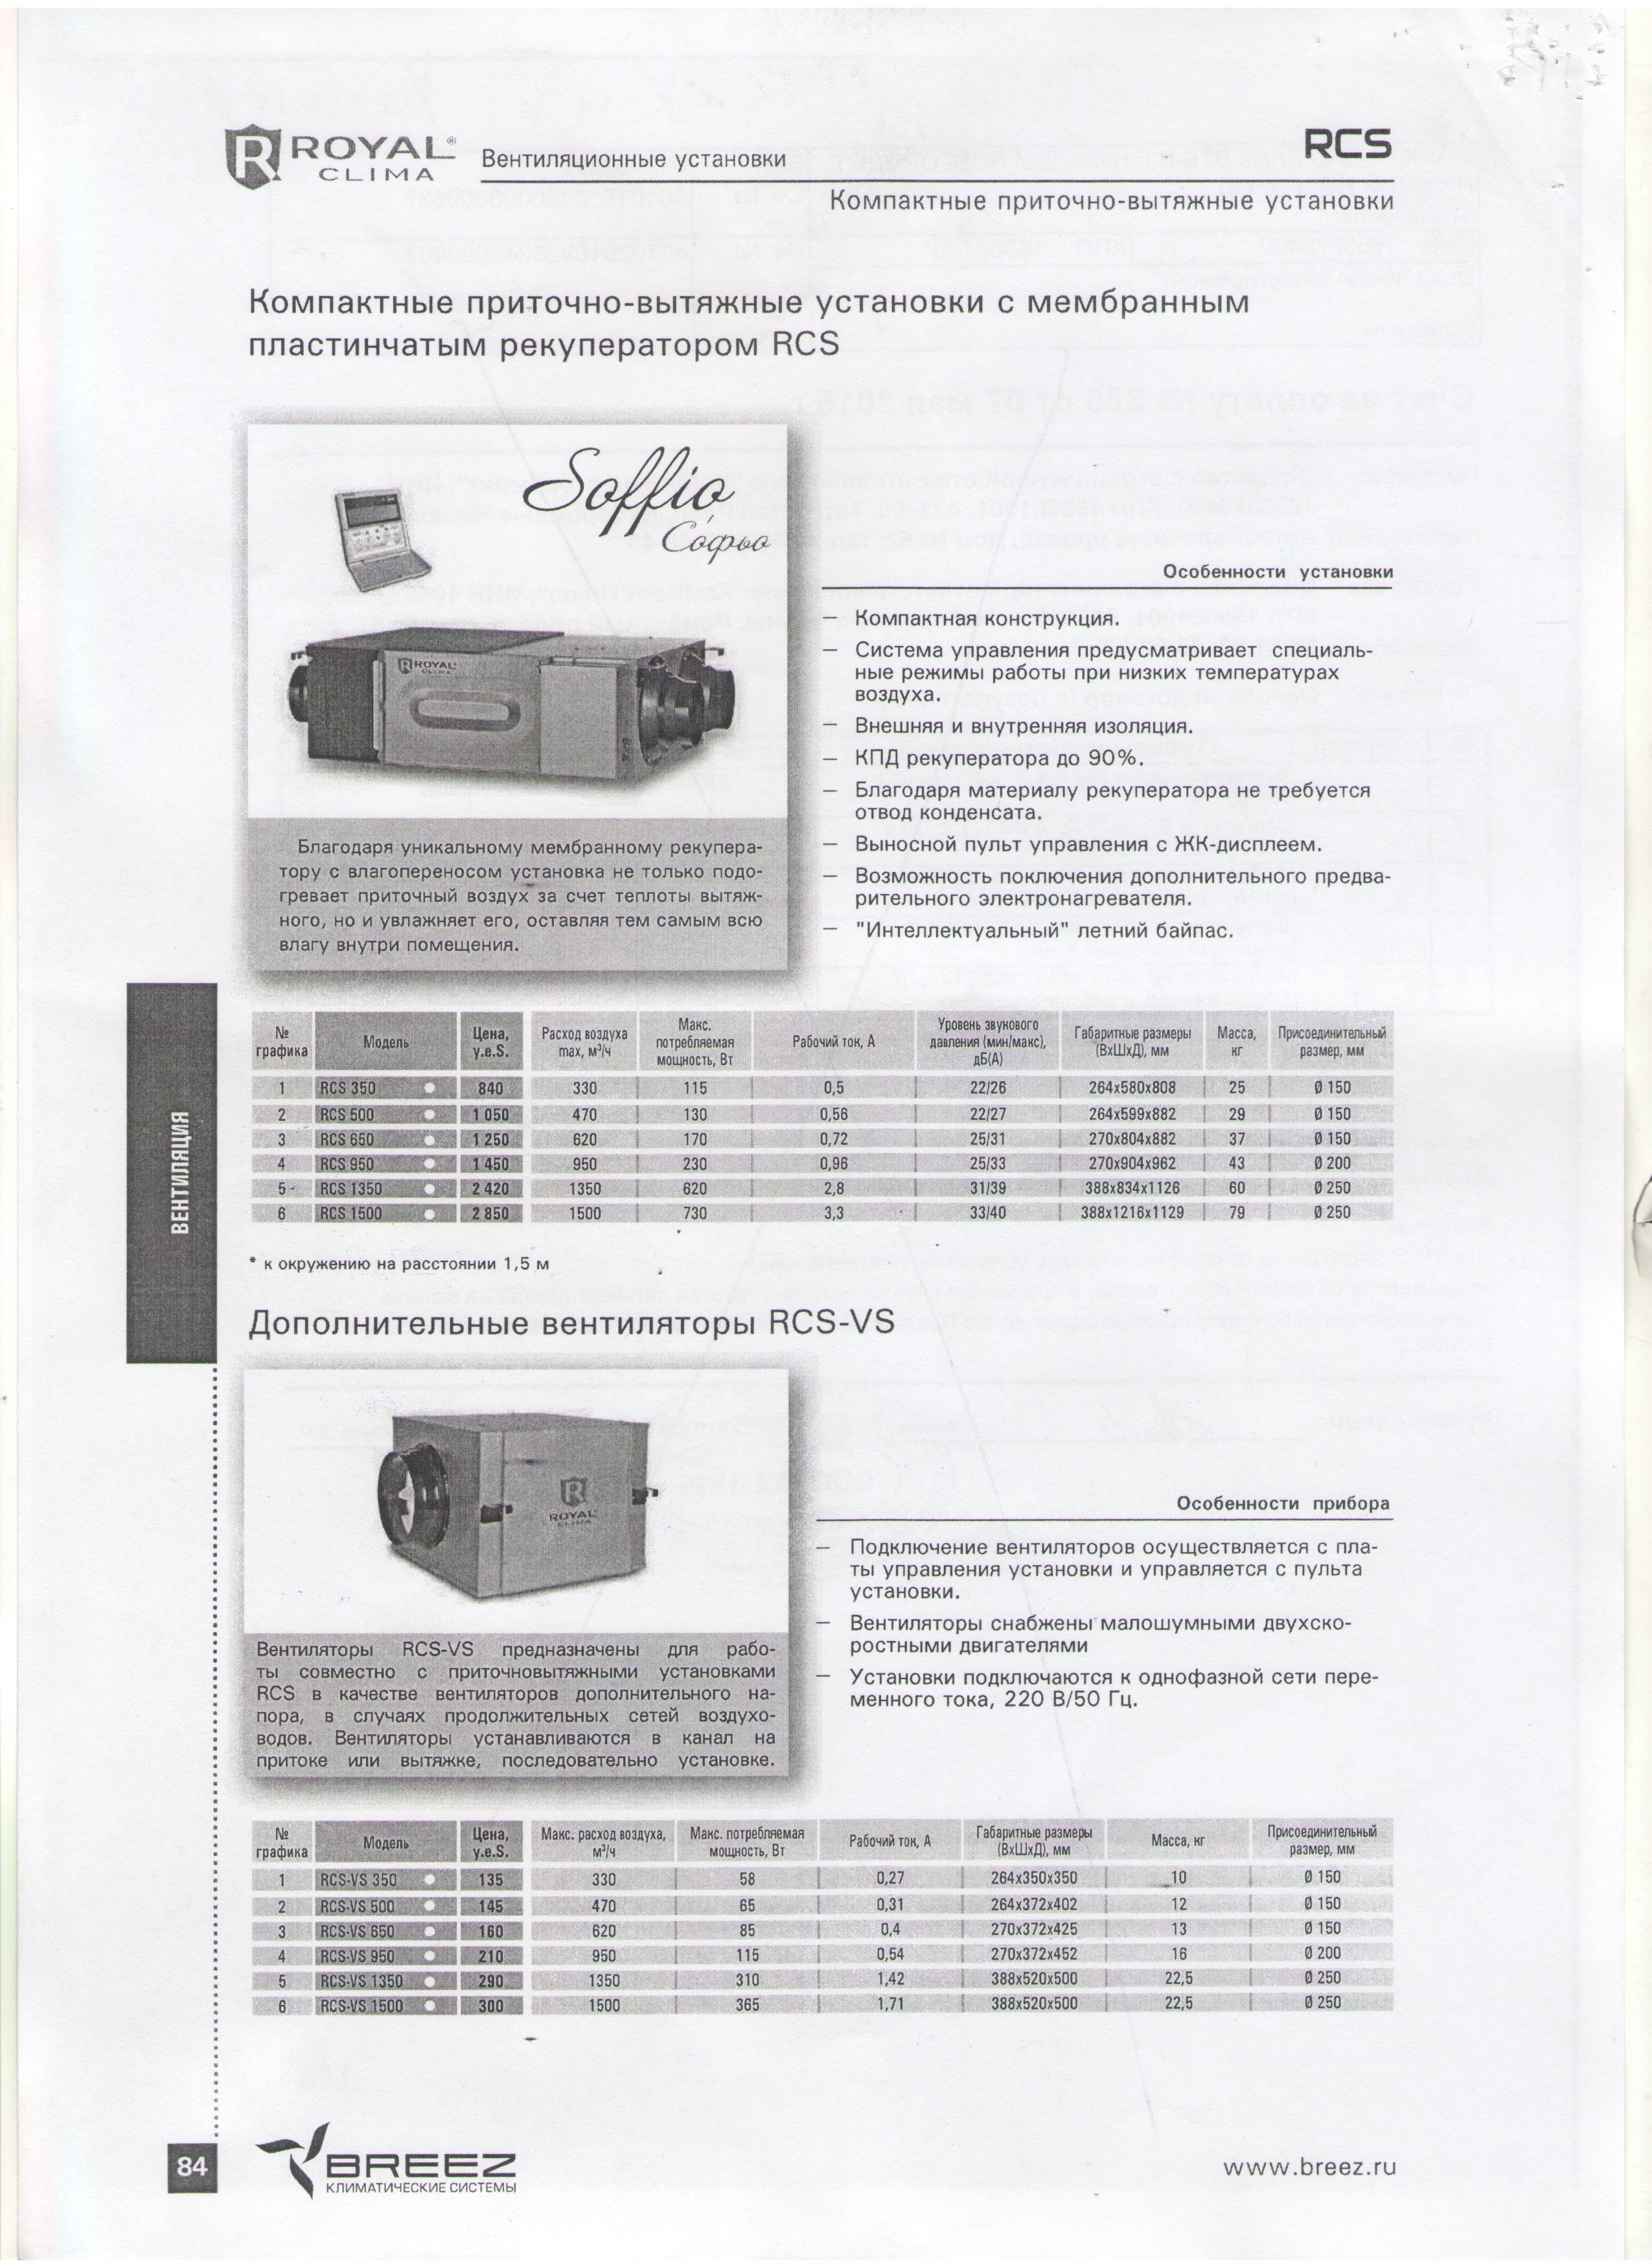 Скан каталога вентиляционных установок